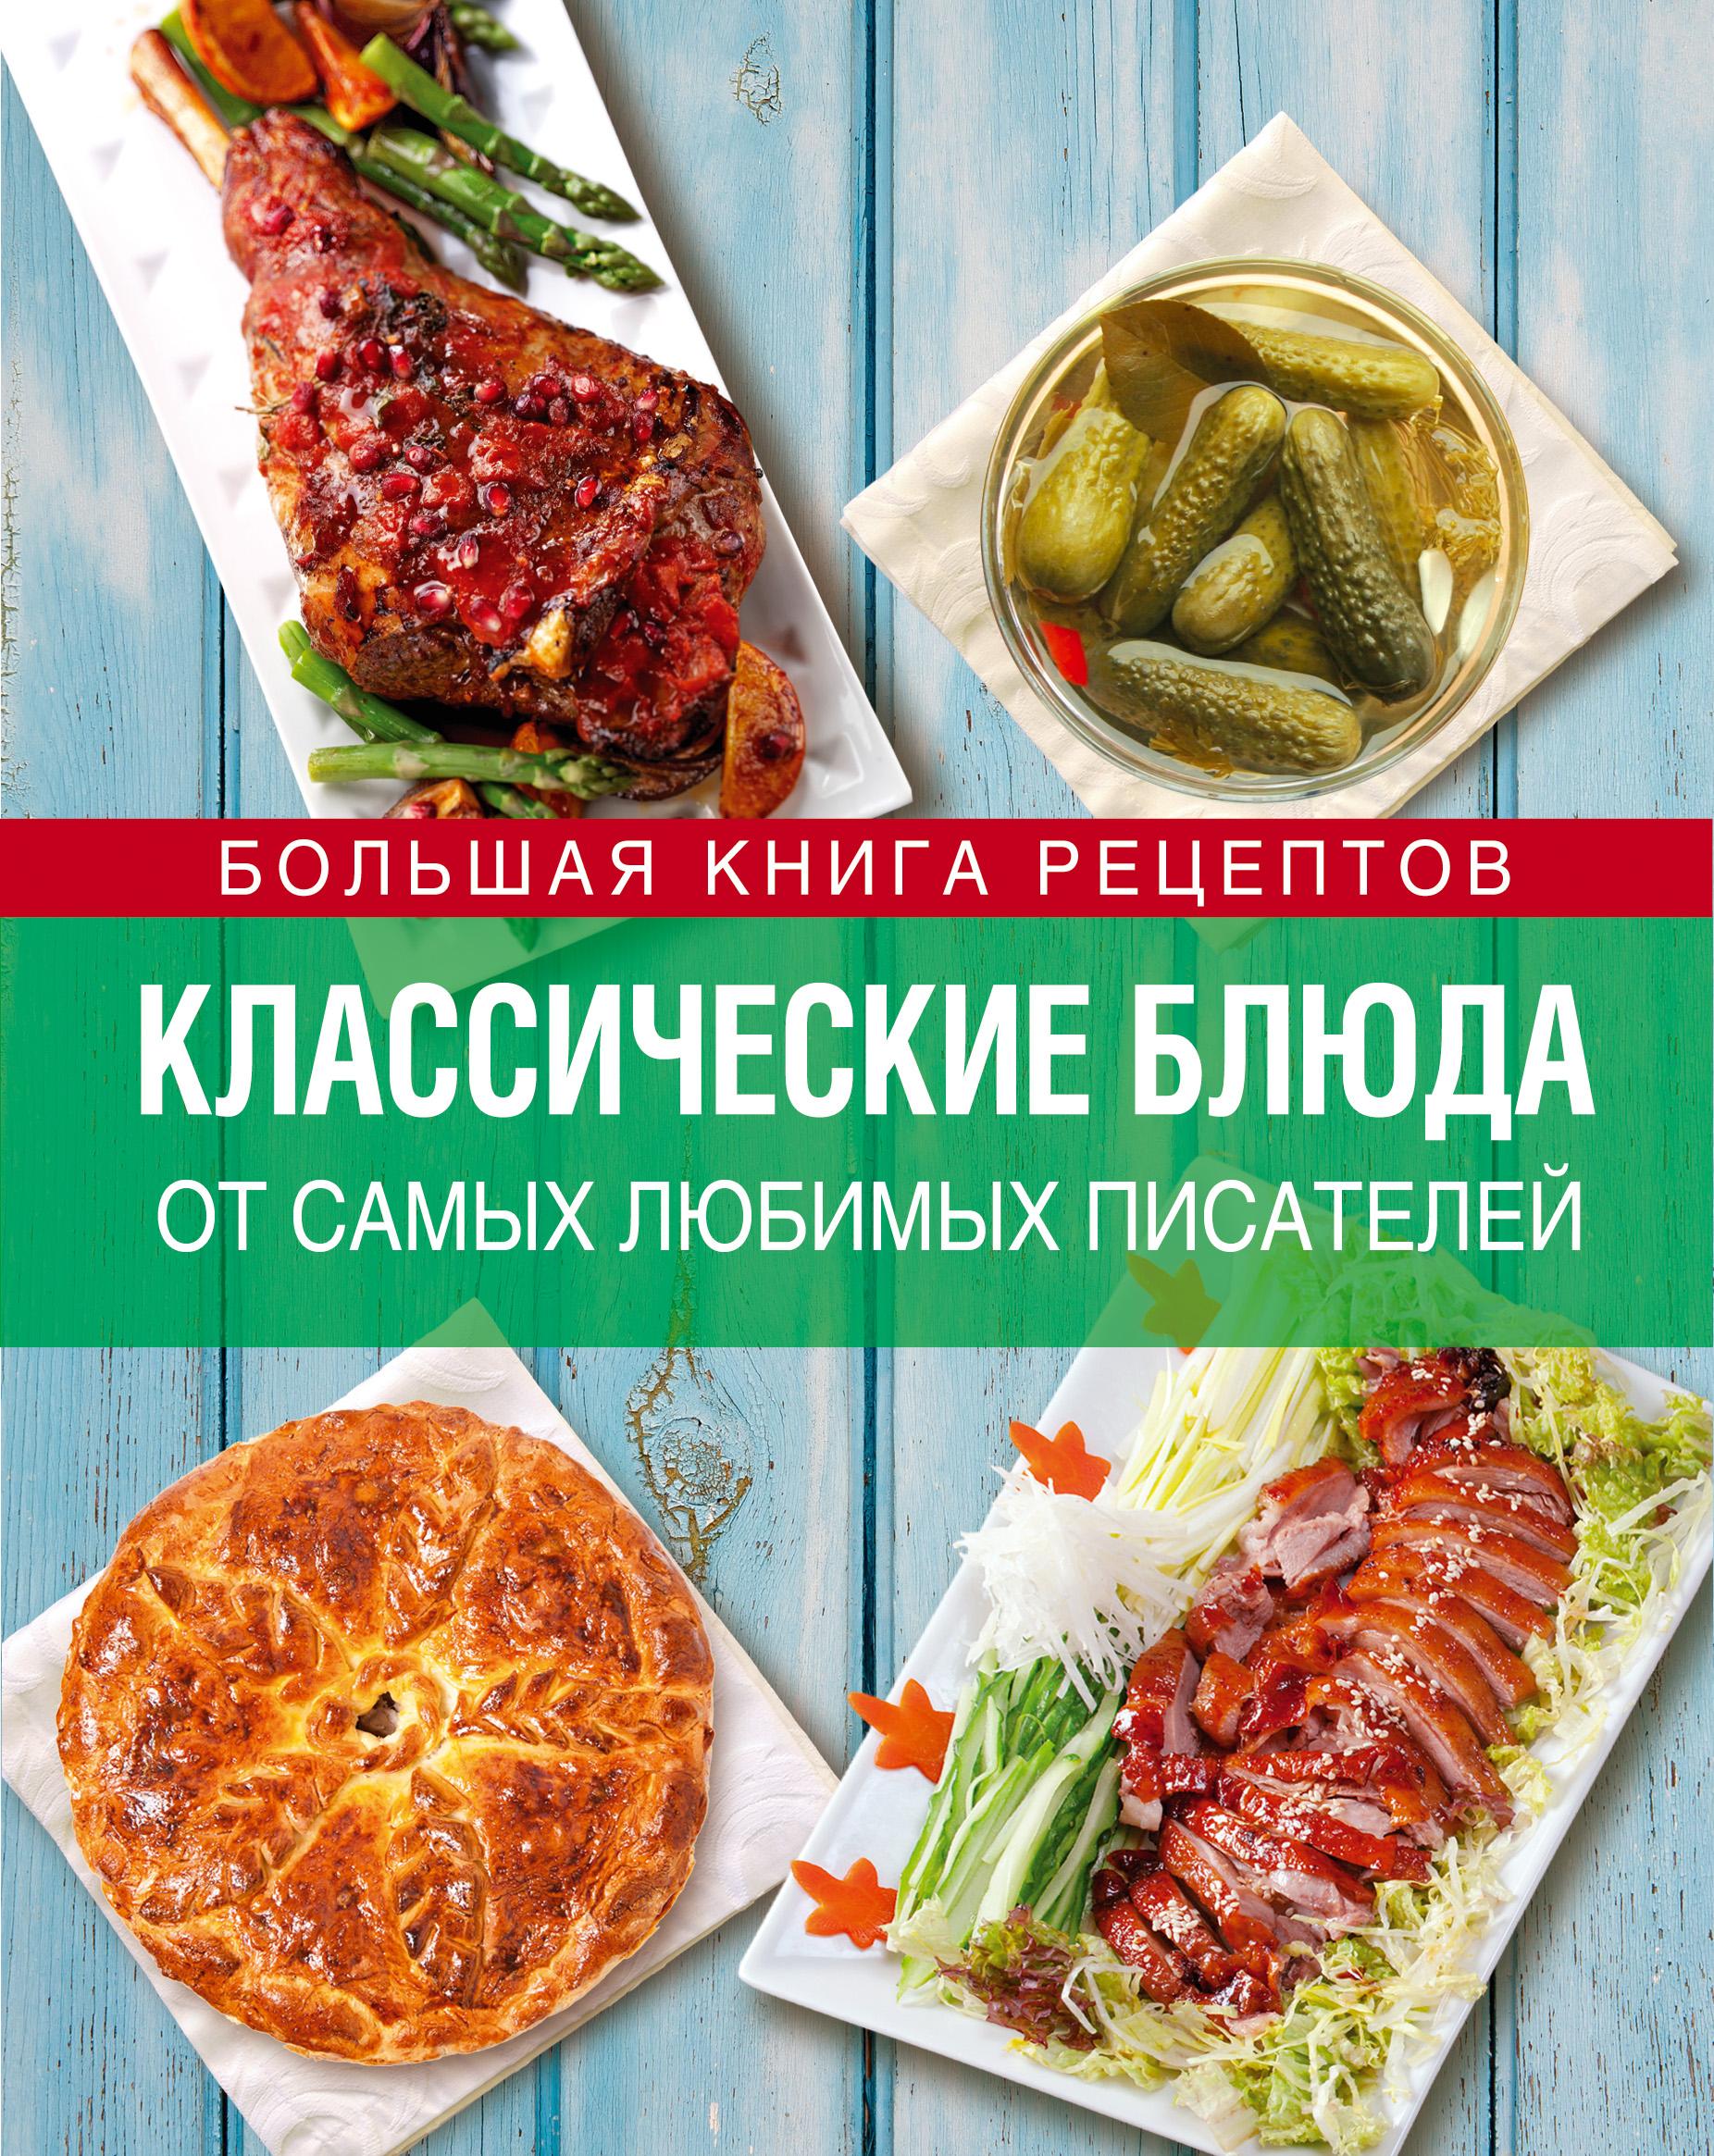 Классические блюда от самых любимых писателей